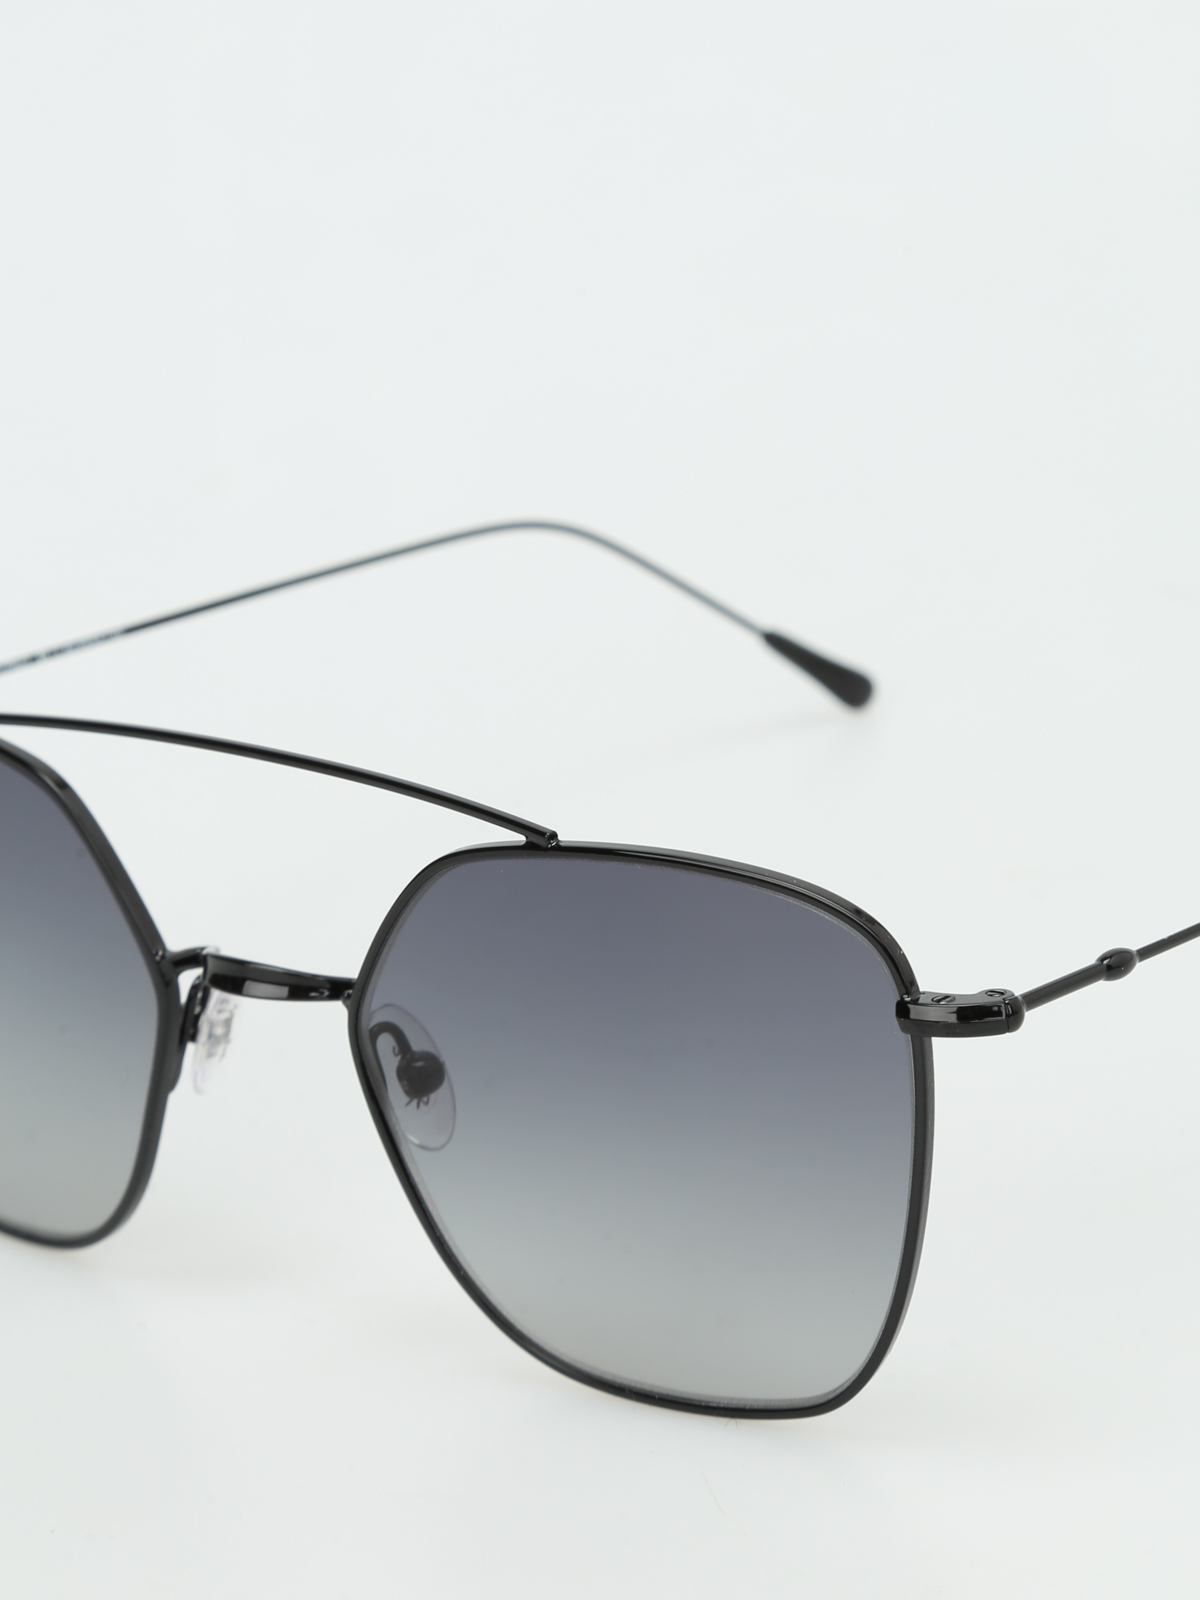 Spektre occhiali da sole dolcevita occhiali da sole dolcevitanero - Occhiali da sole specchiati spektre ...